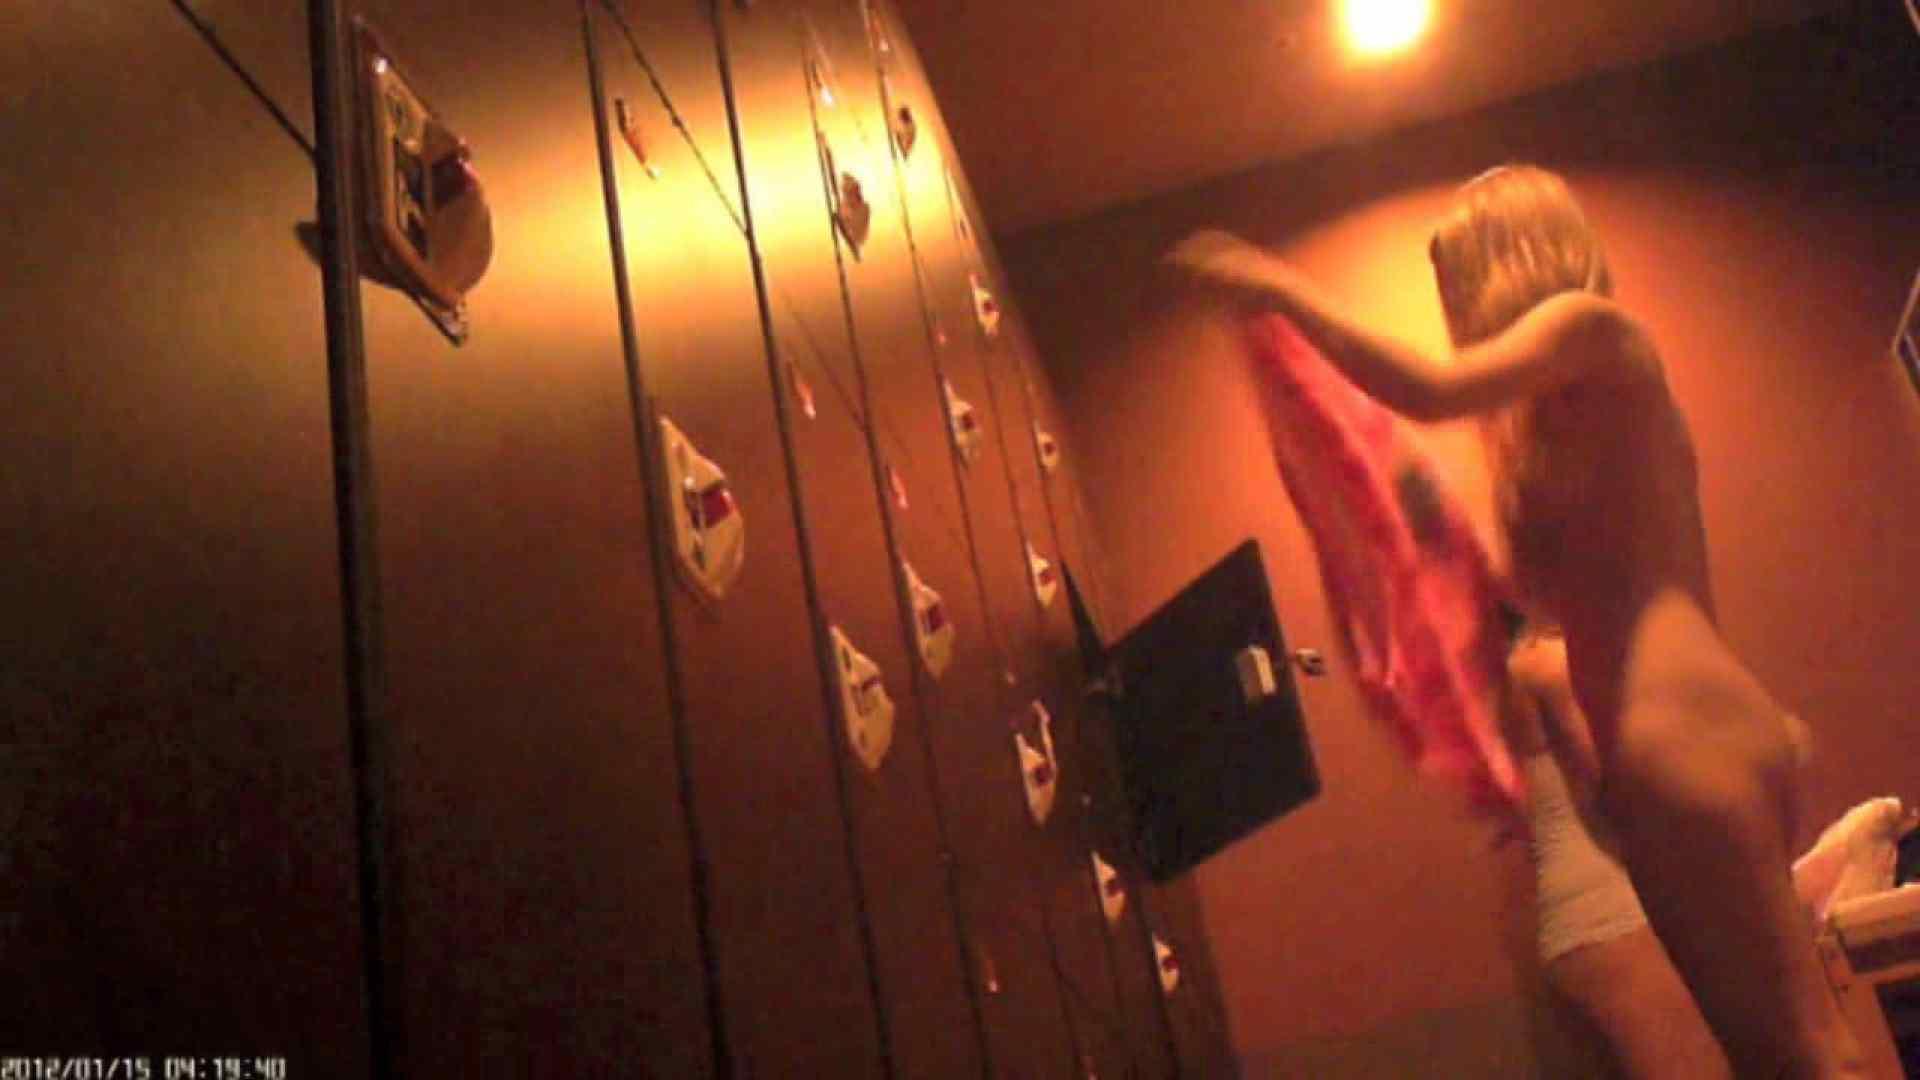 現役ギャル盗撮師 hana様の女風呂潜入撮!Vol.5 ギャルのエロ生活 | OLのエロ生活  35連発 1